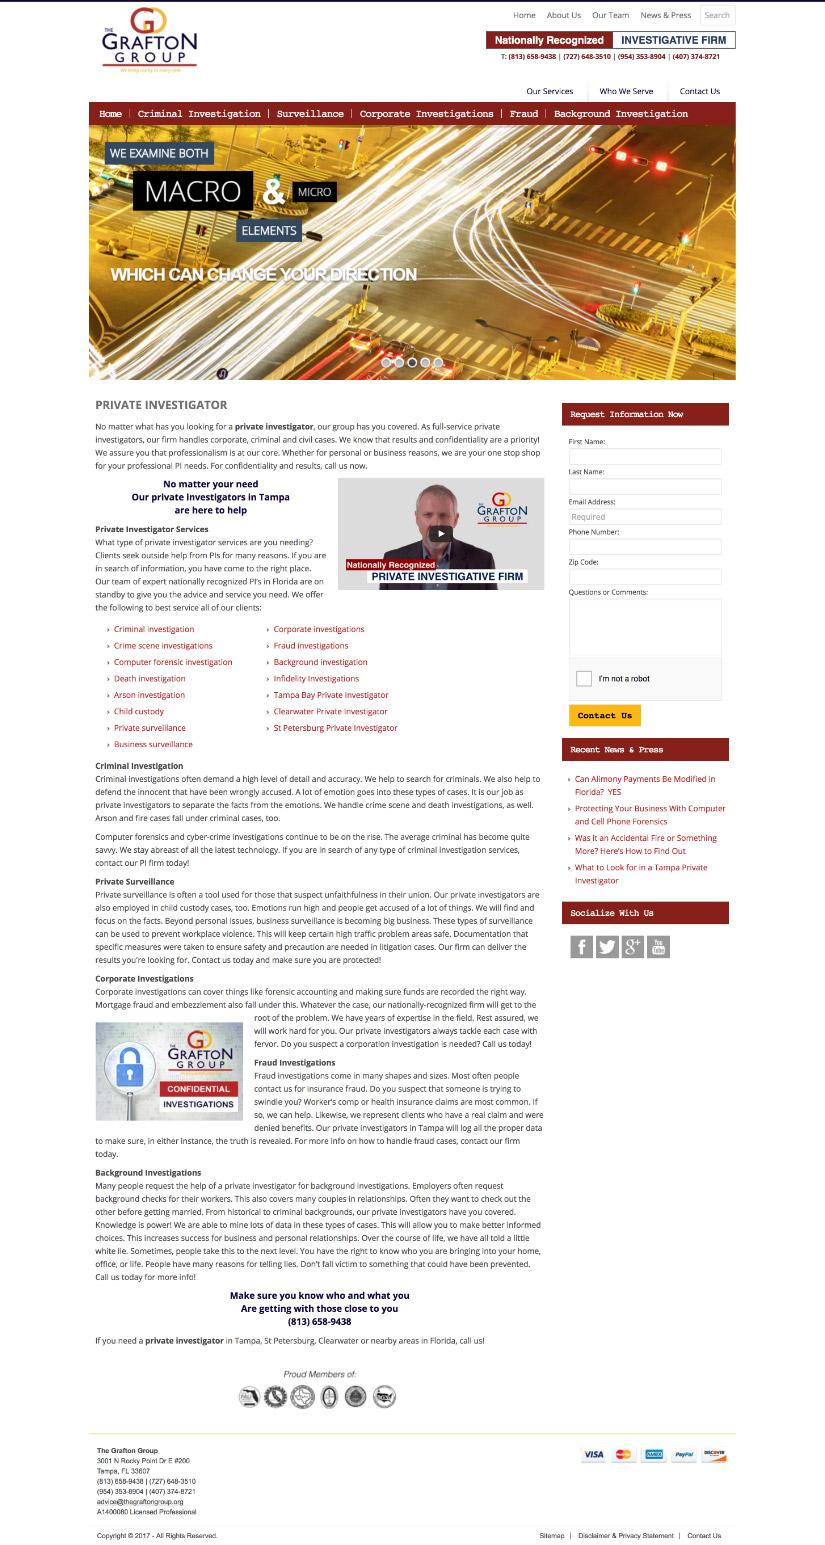 Web Design by Kustom Kode, LLC